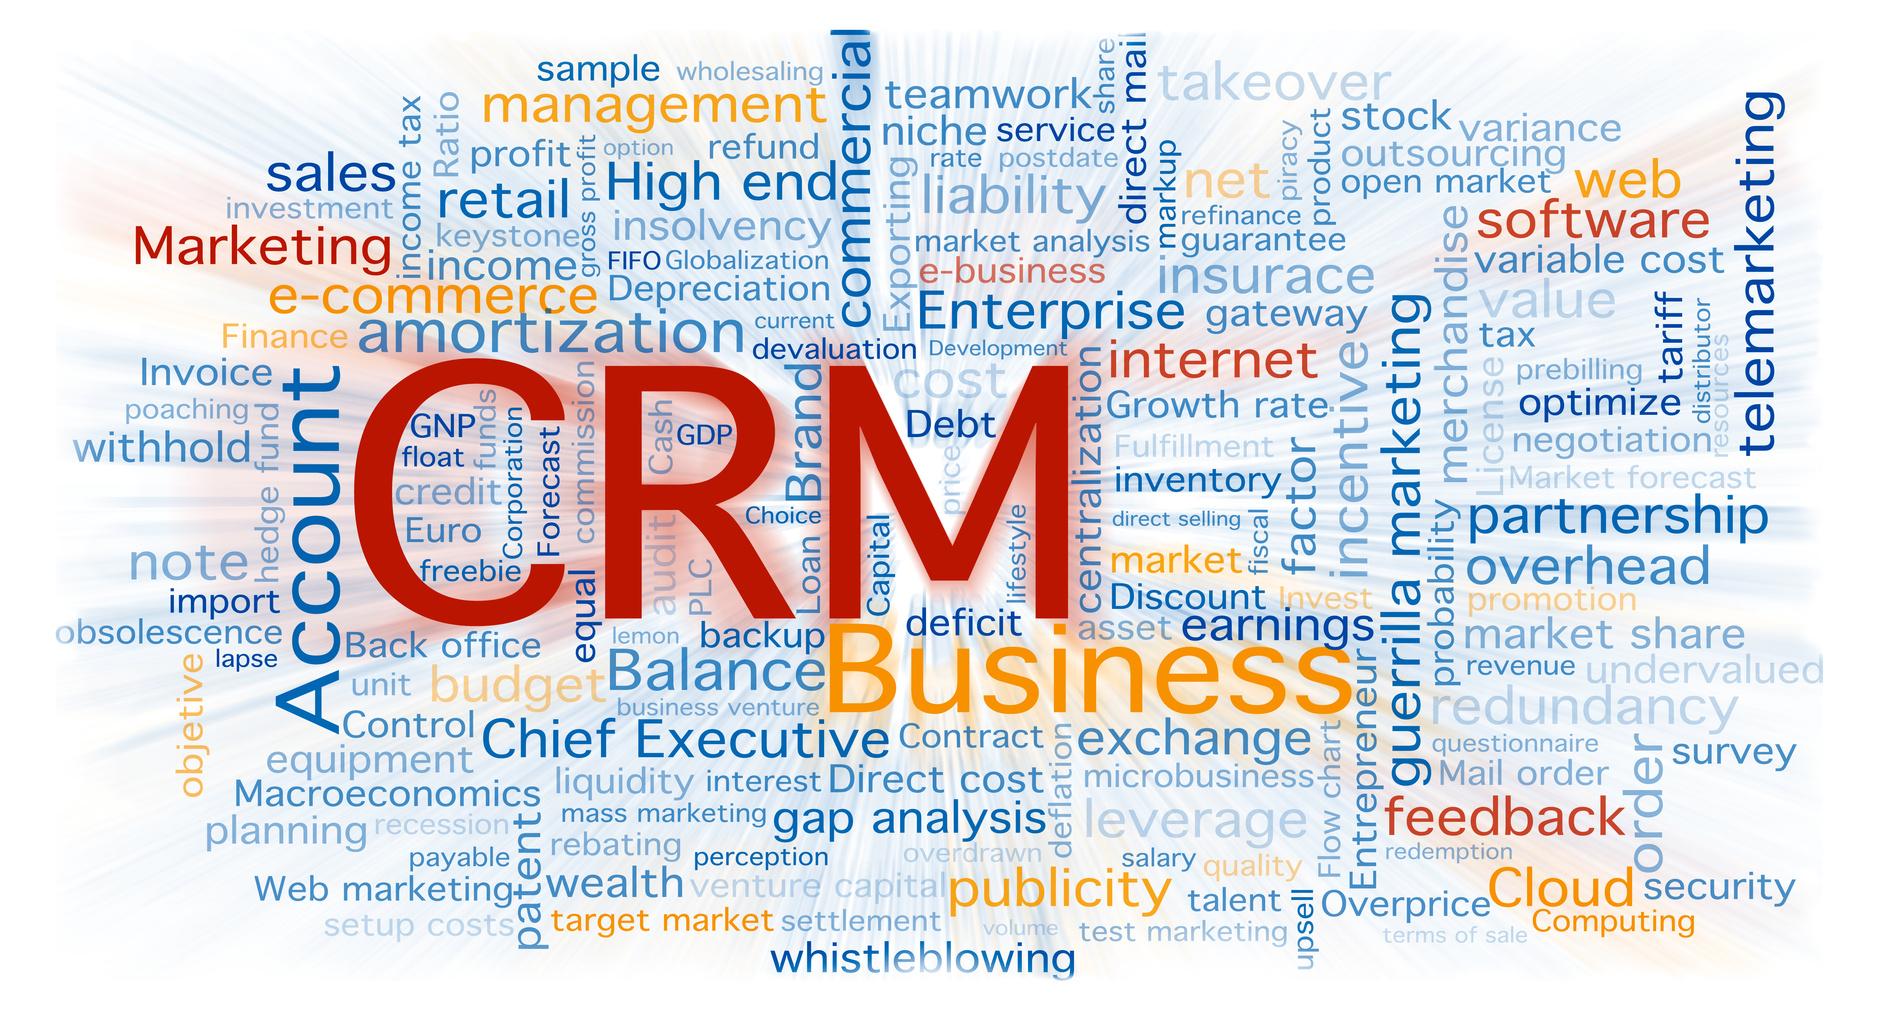 Ce este un CRM?